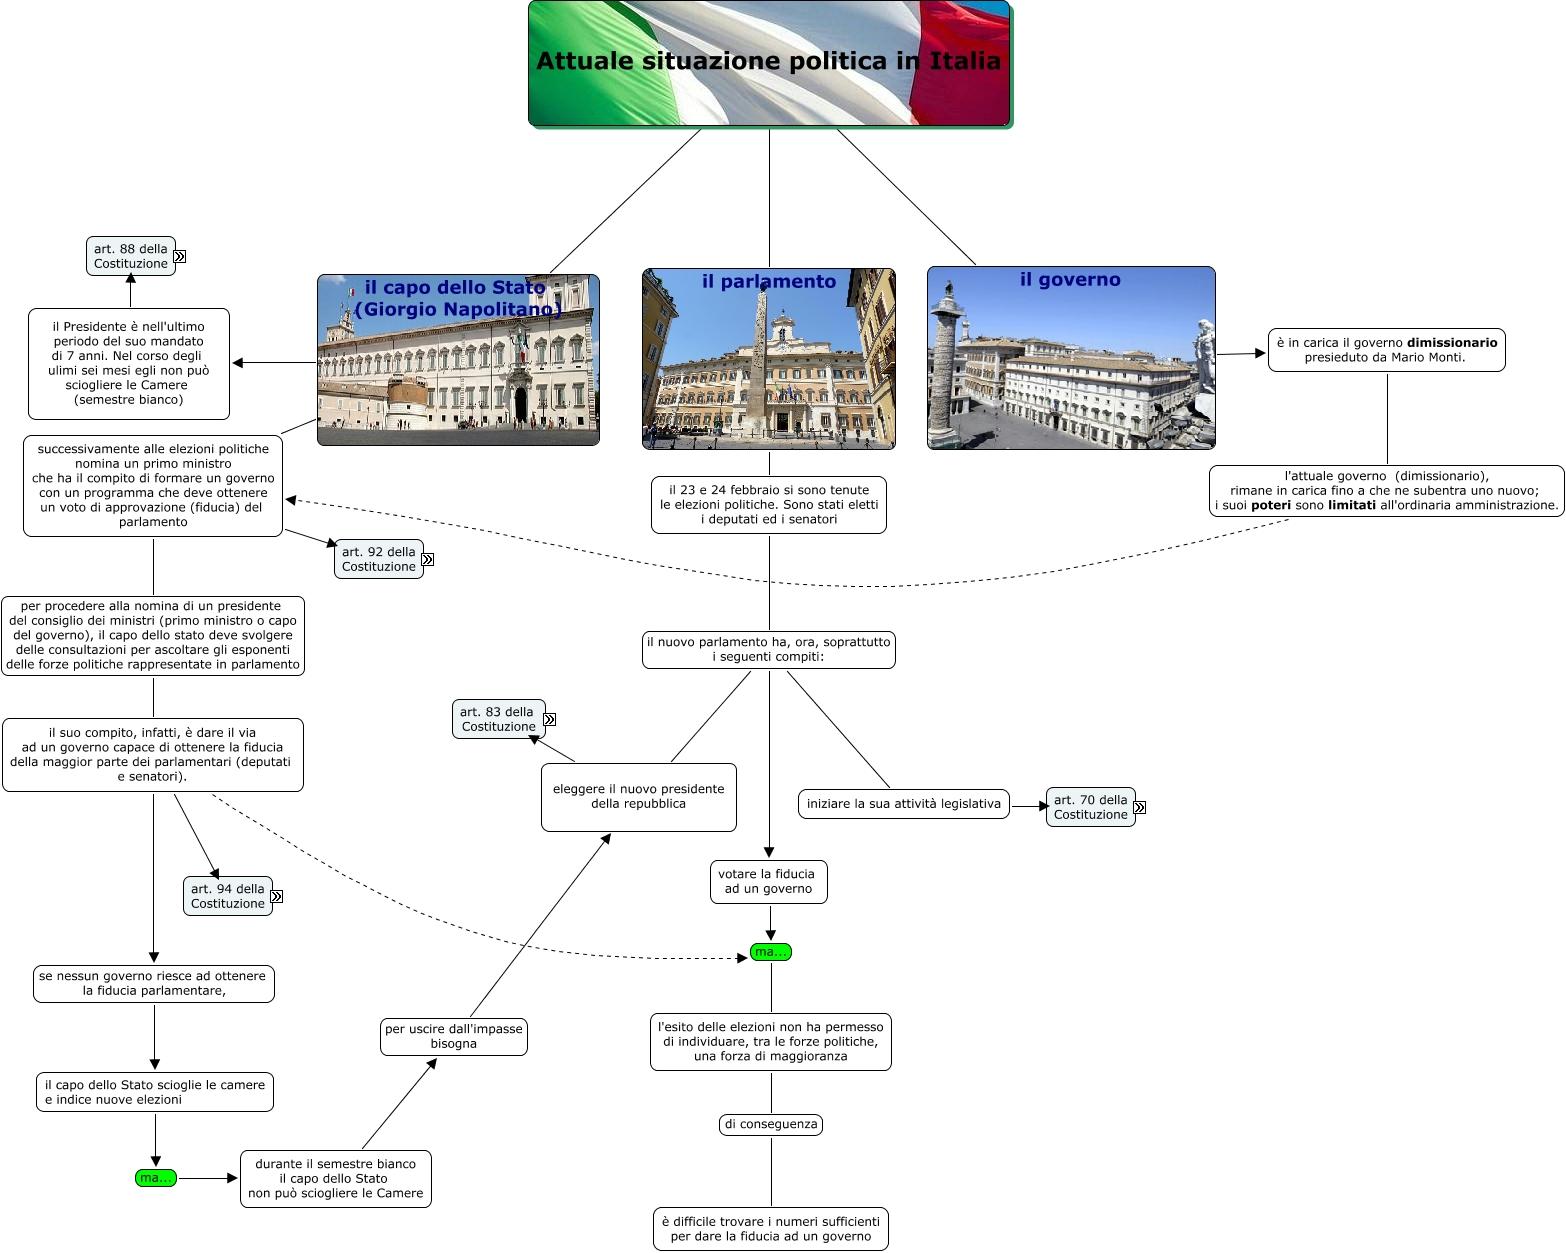 Attuale situazione politica mappa concettuale for Quante sono le camere del parlamento italiano